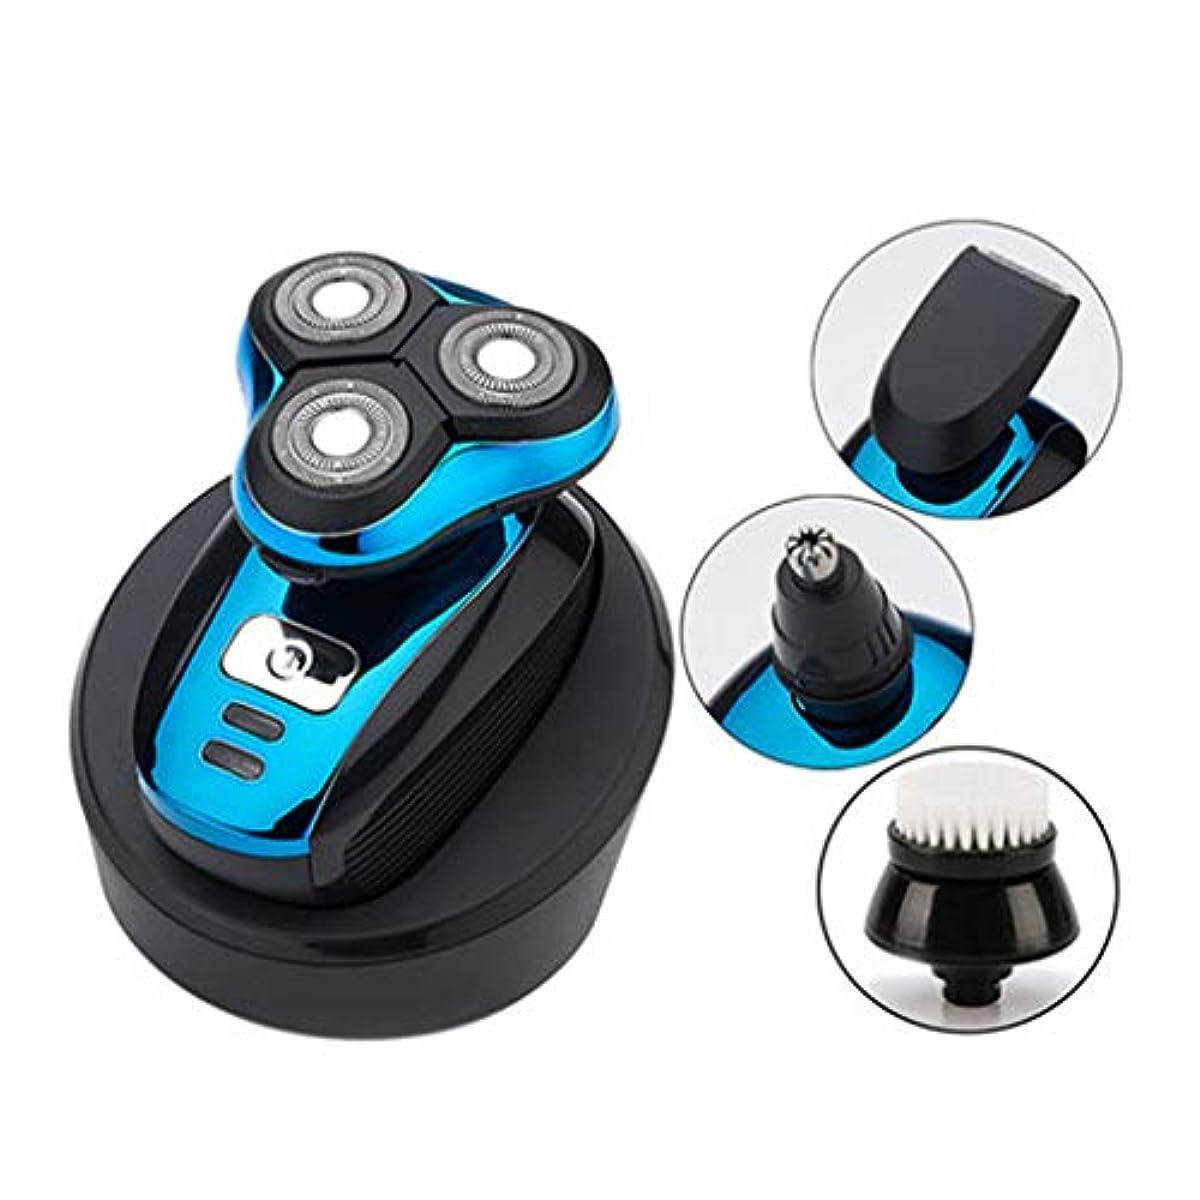 形競うまともな小型電気かみそり、メンズ充電コードレス多機能トリマー/ホーン/鼻毛/クレンジング/散髪、防水デザイン